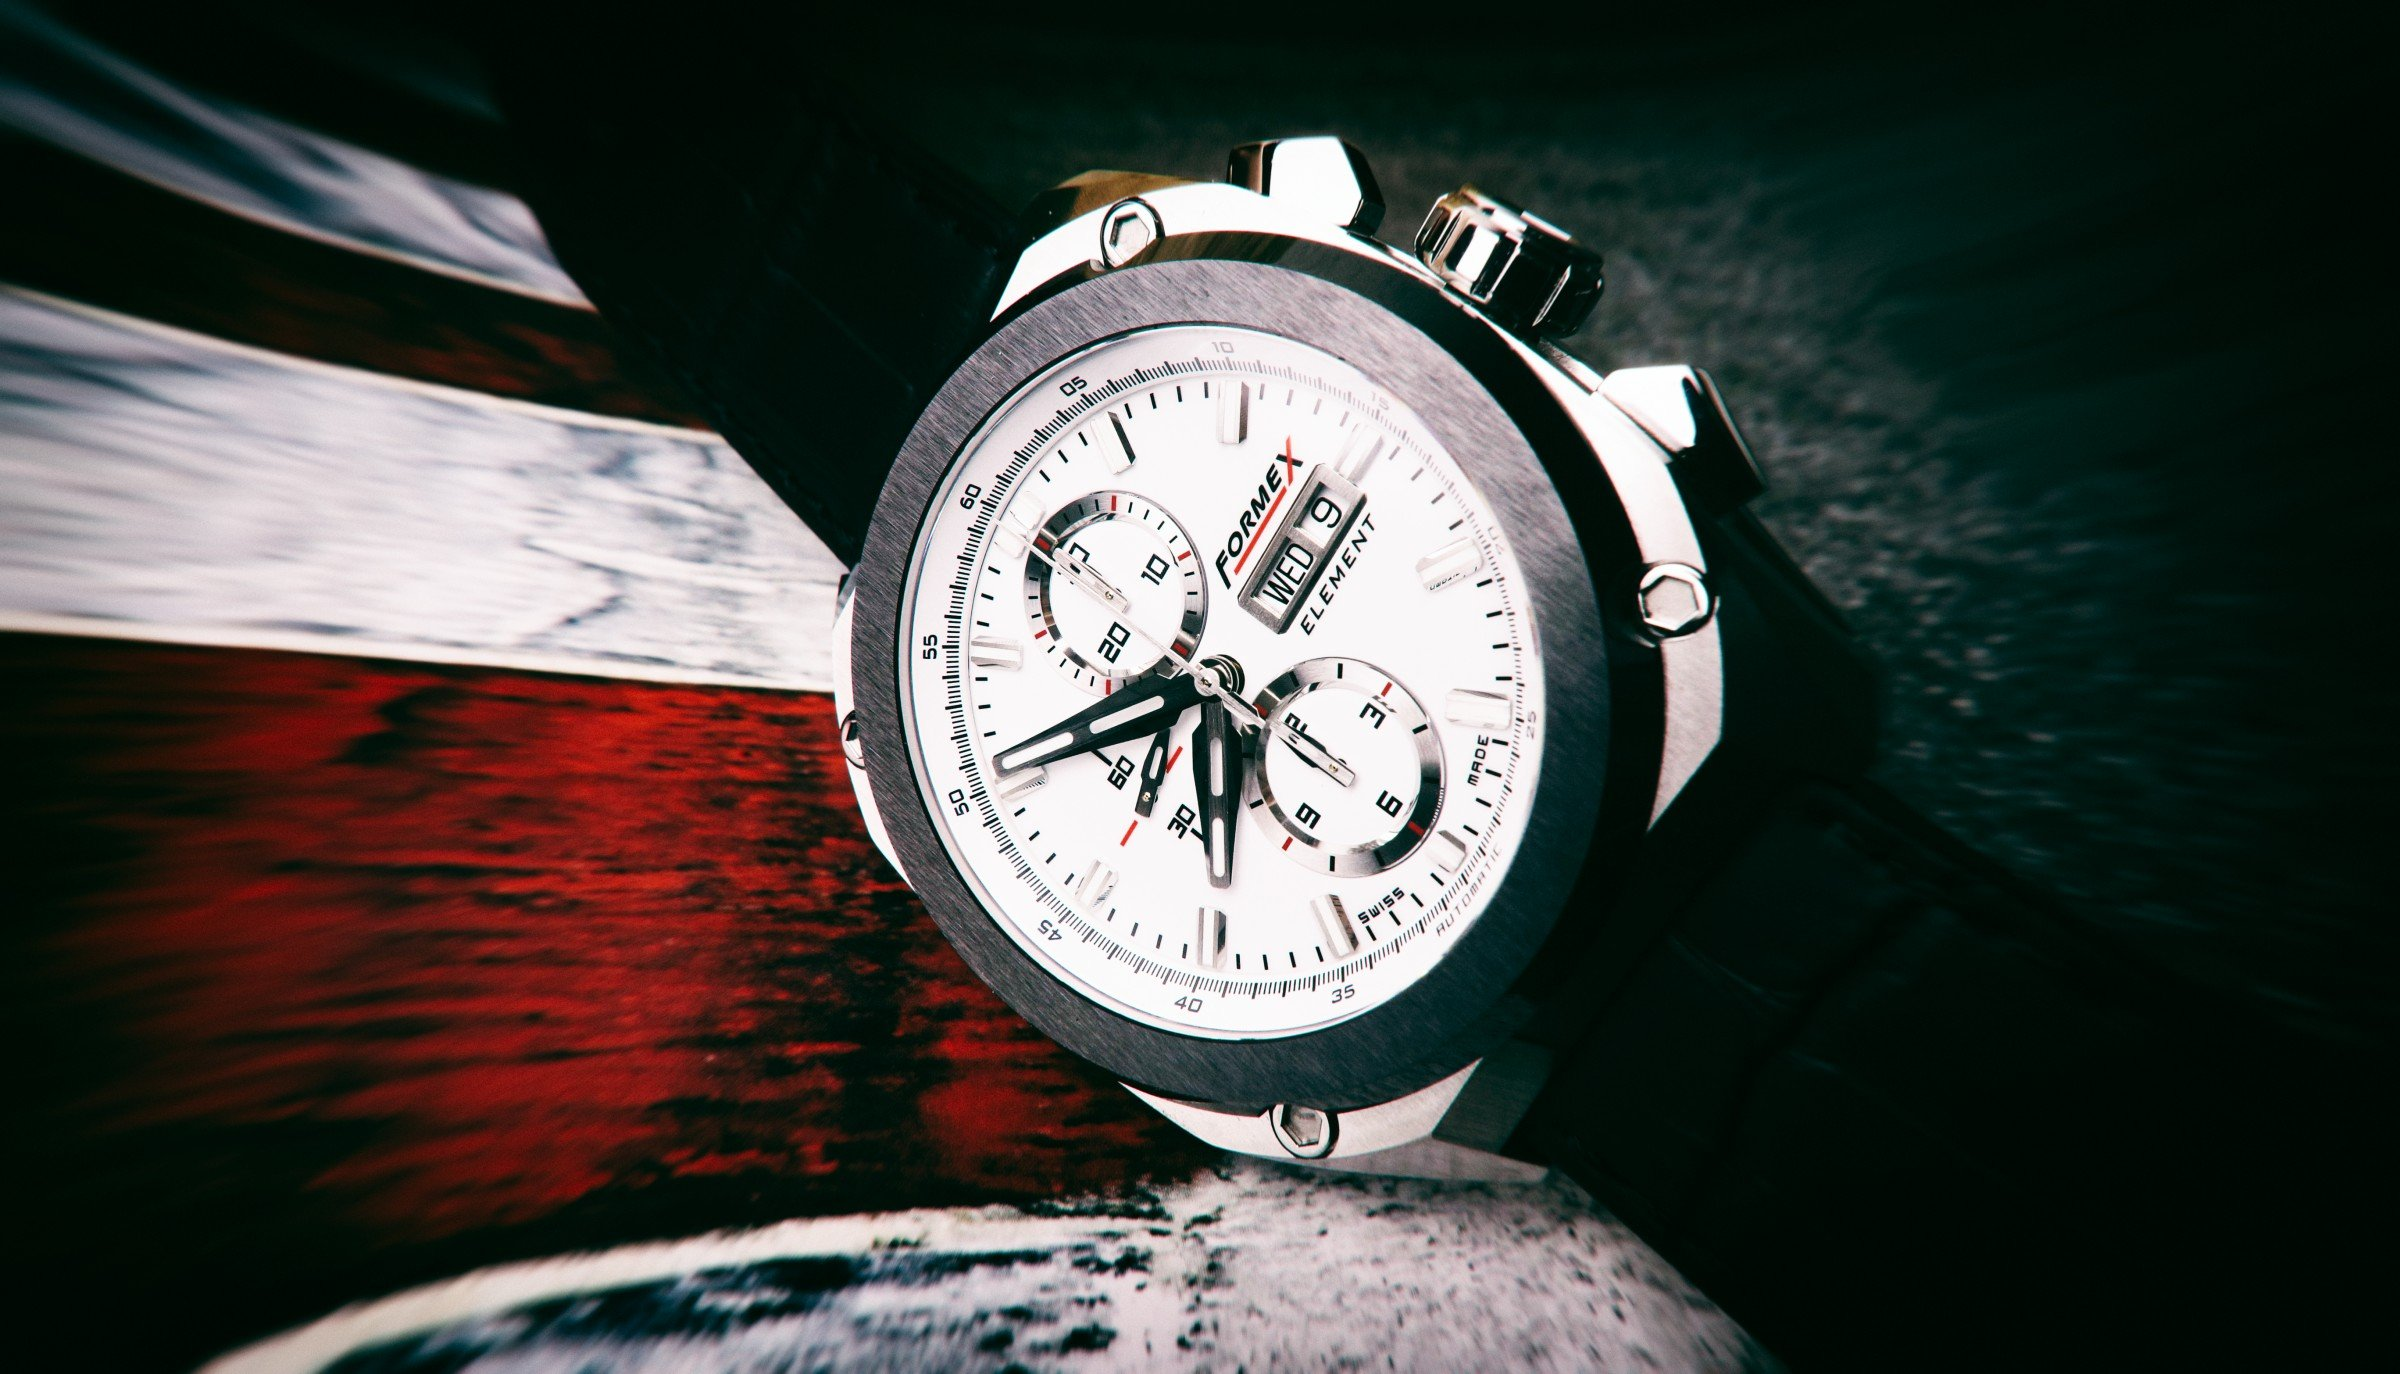 Formex Rennchronograph